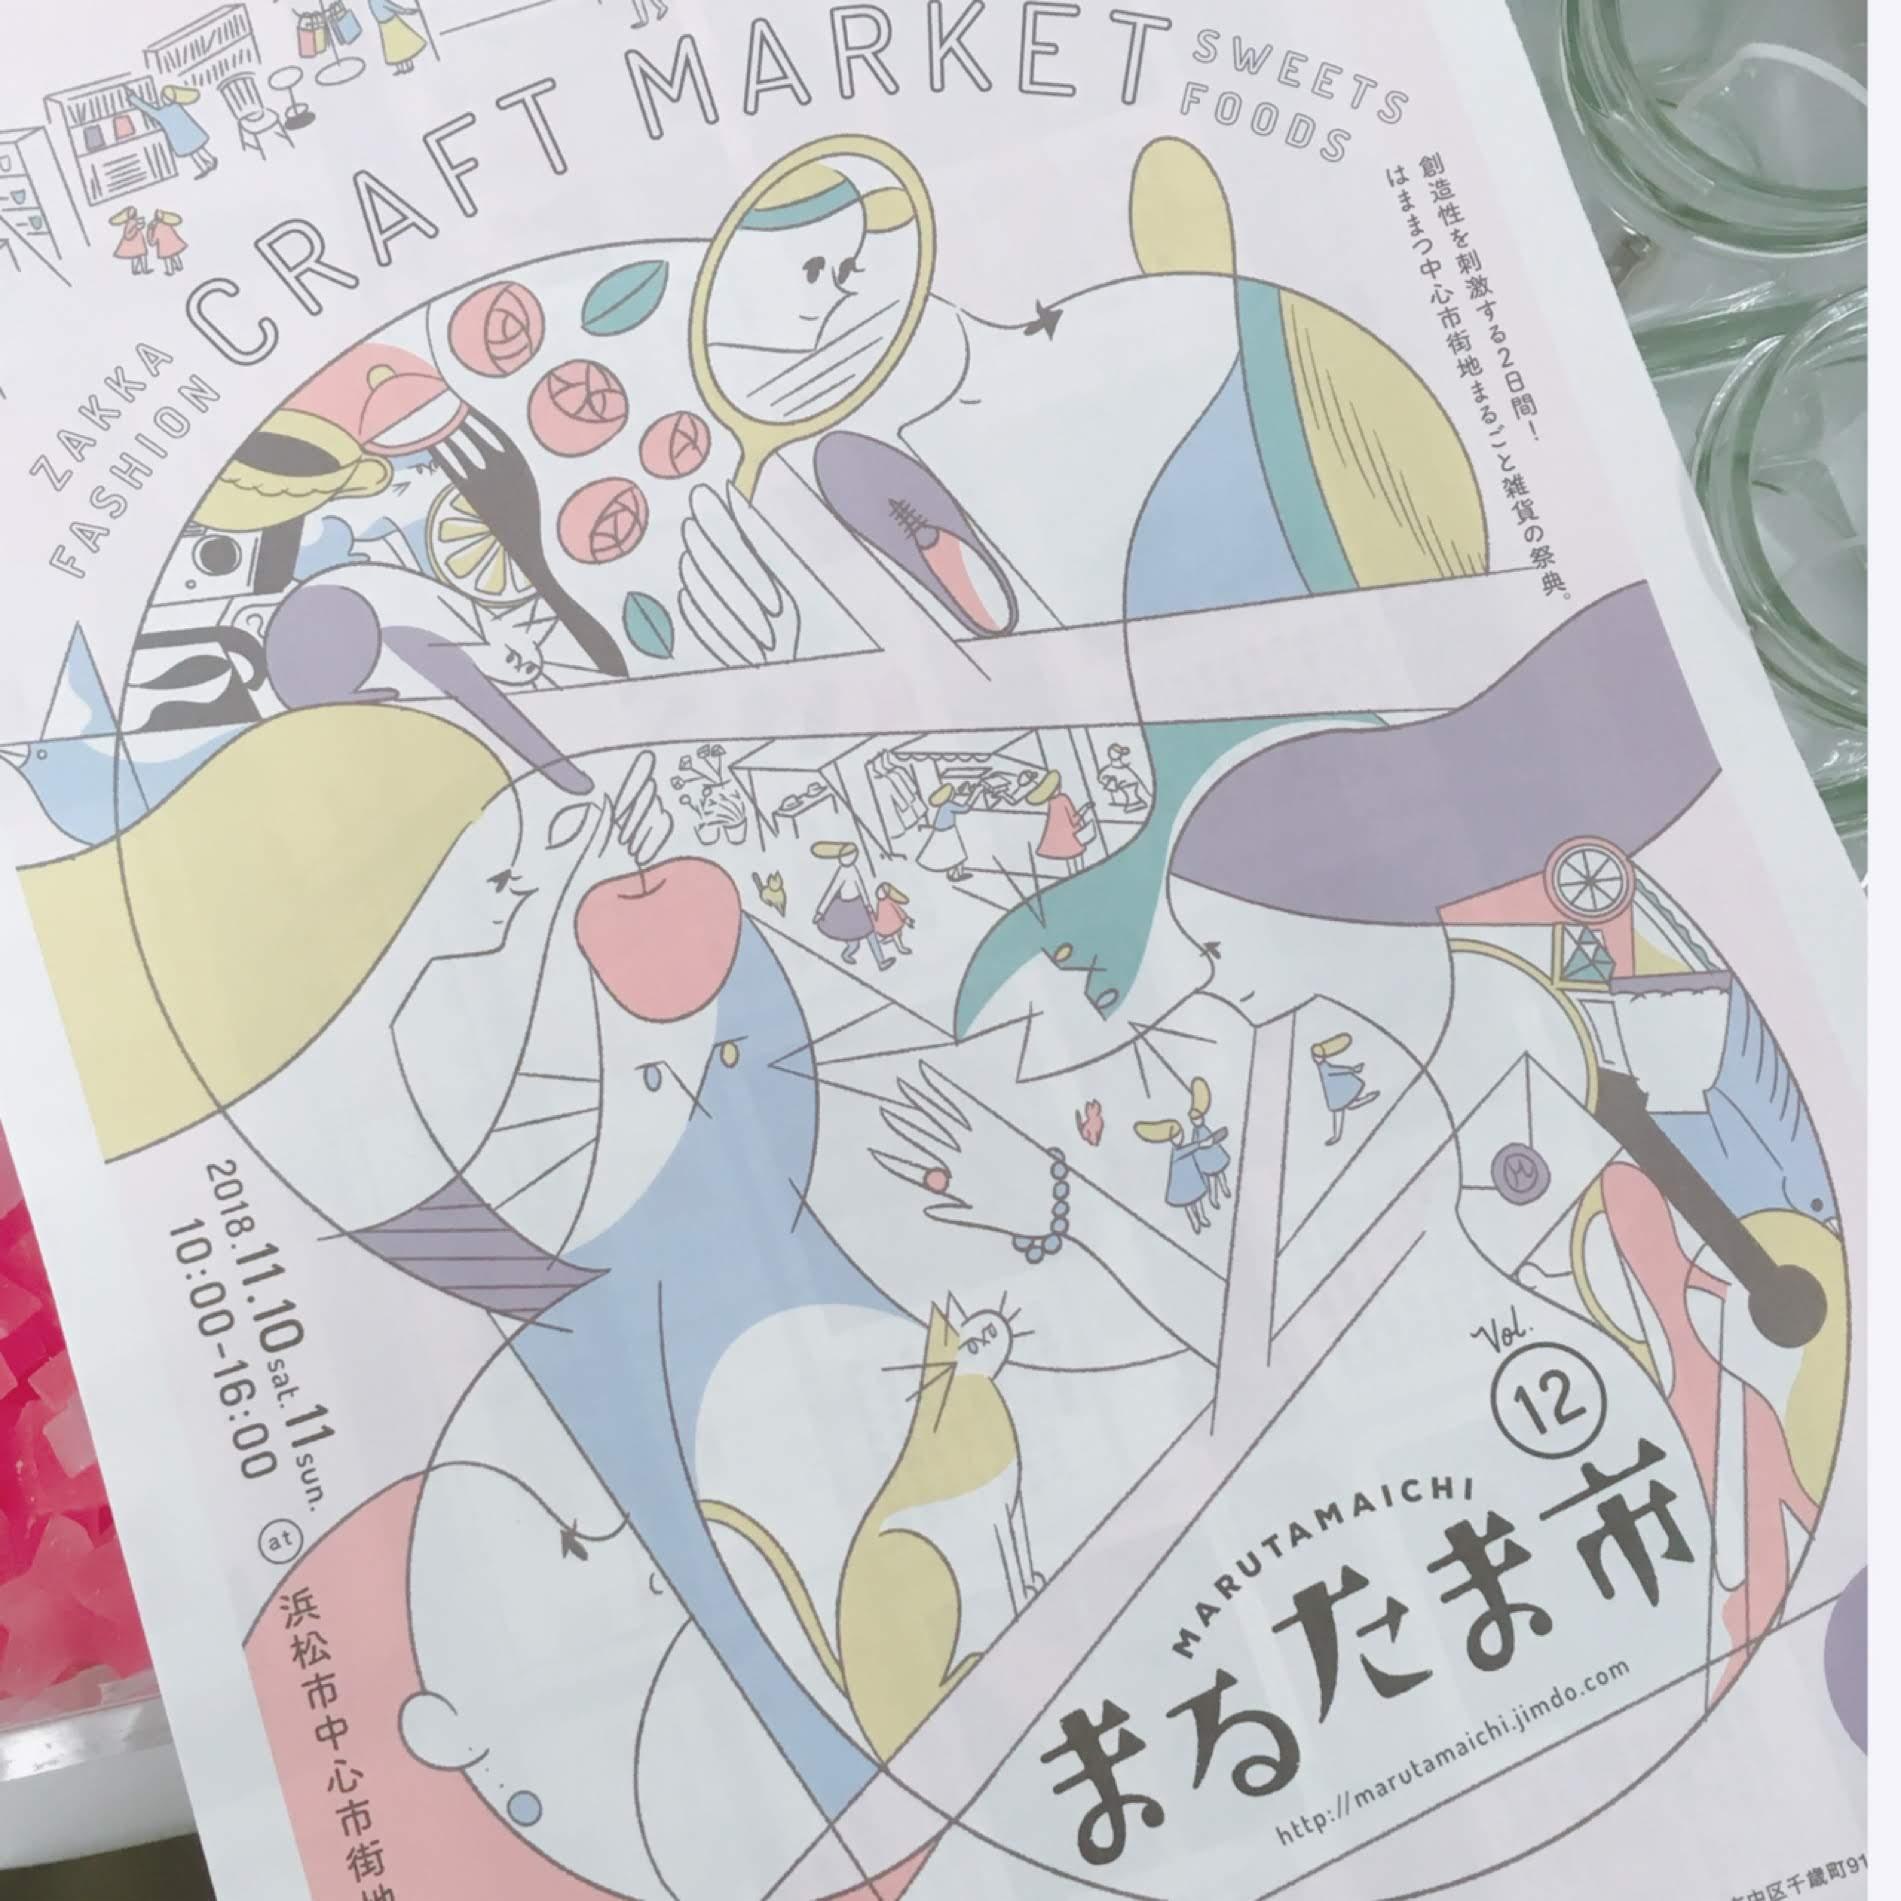 クラフトマーケット「まるたま市」に出店